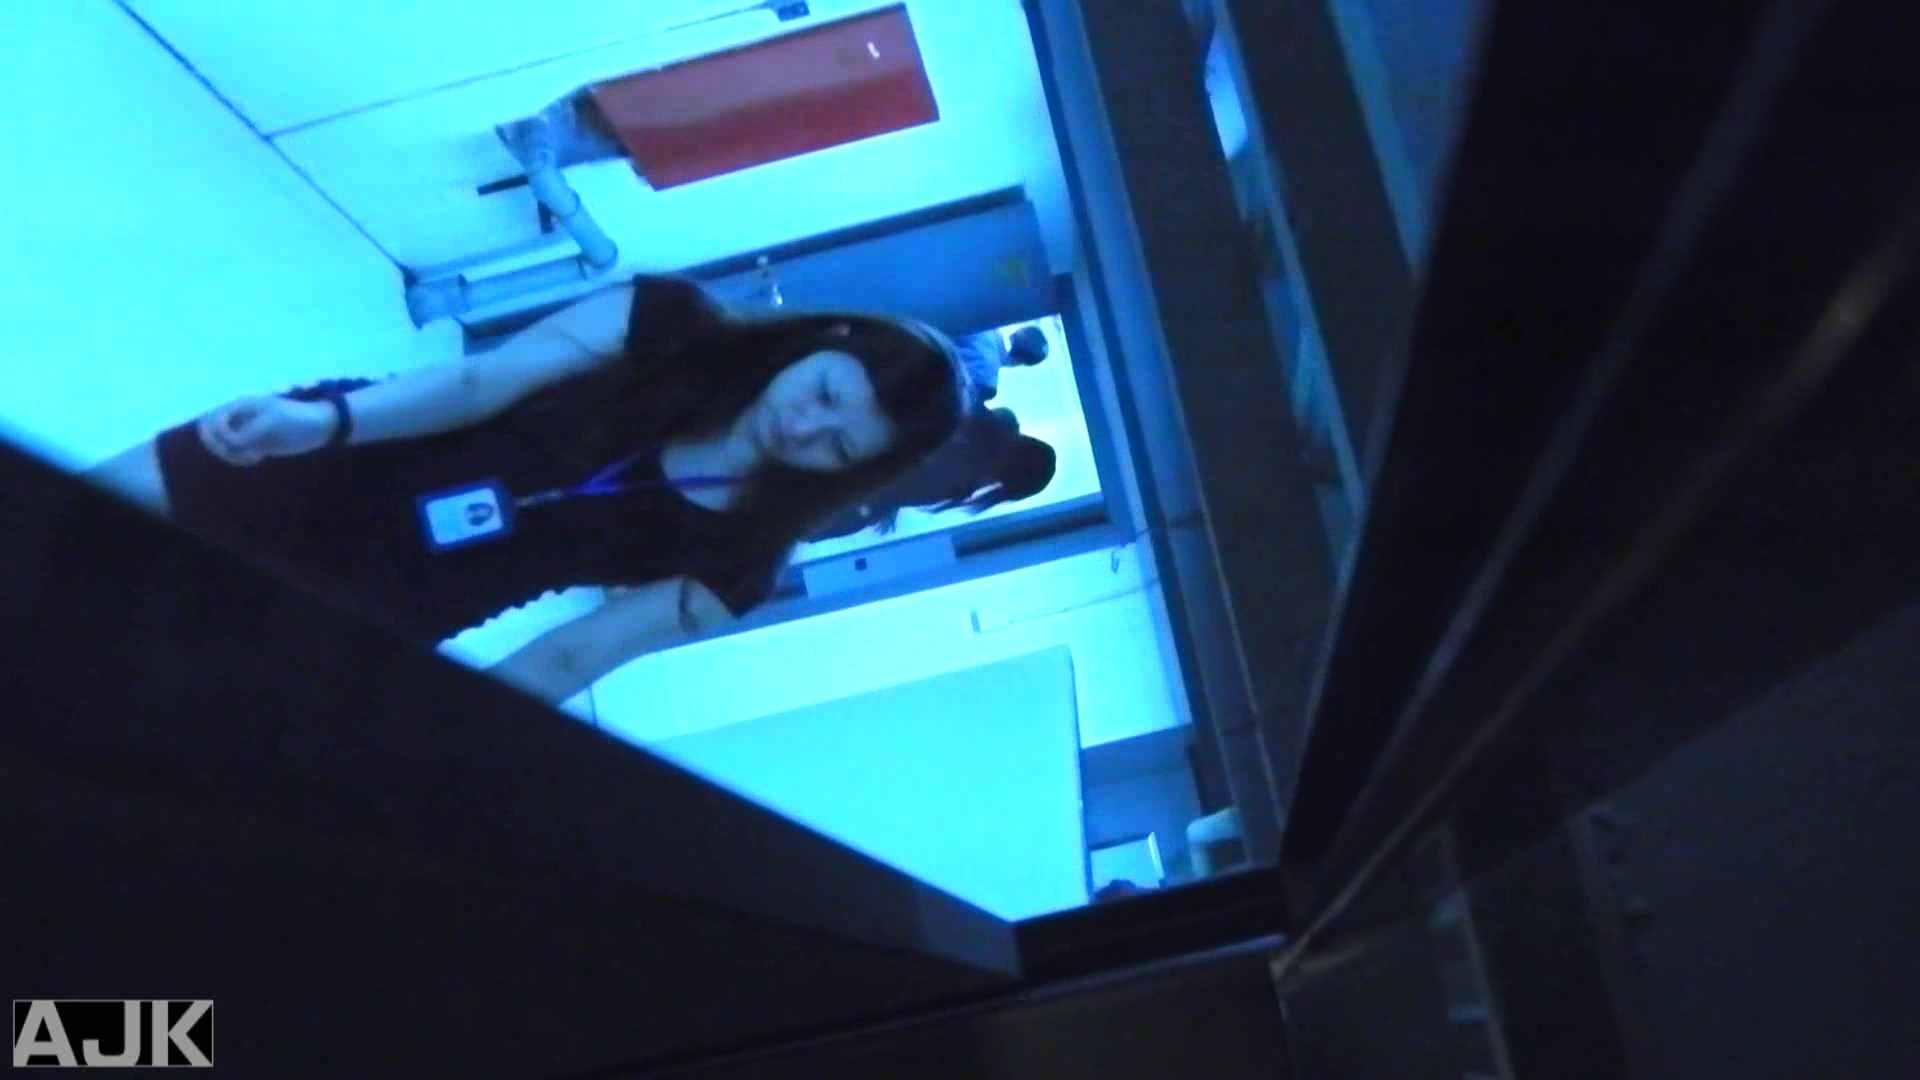 隣国上階級エリアの令嬢たちが集うデパートお手洗い Vol.21 洗面所 オメコ動画キャプチャ 93画像 79